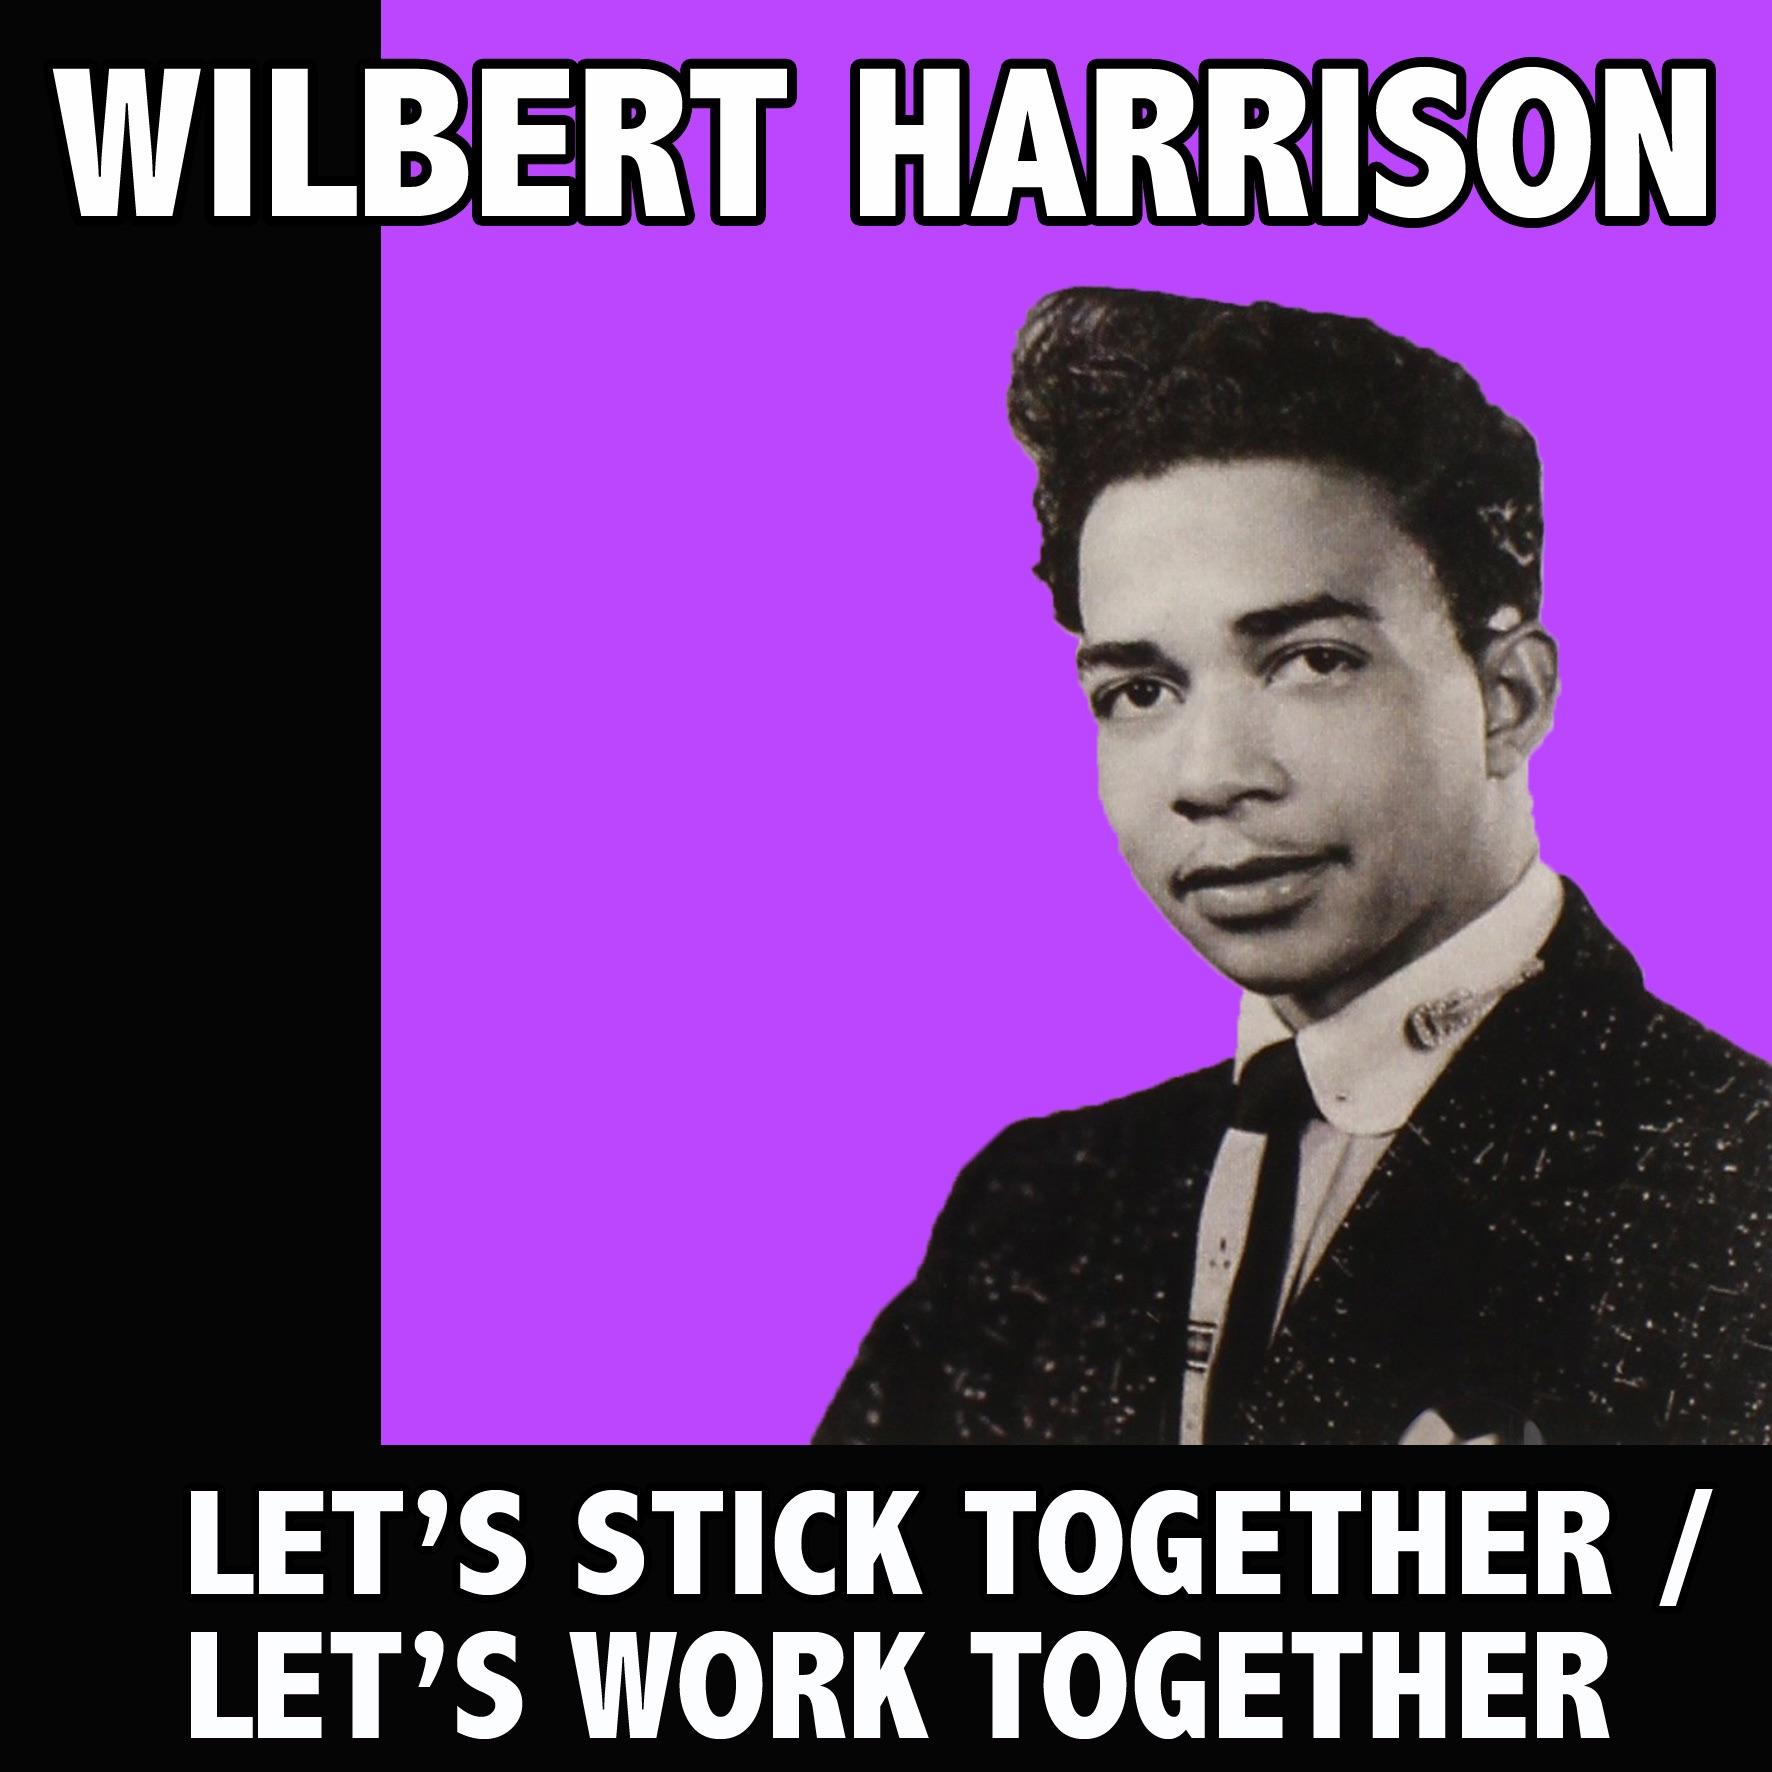 Let's Stick Together / Let's Work Together